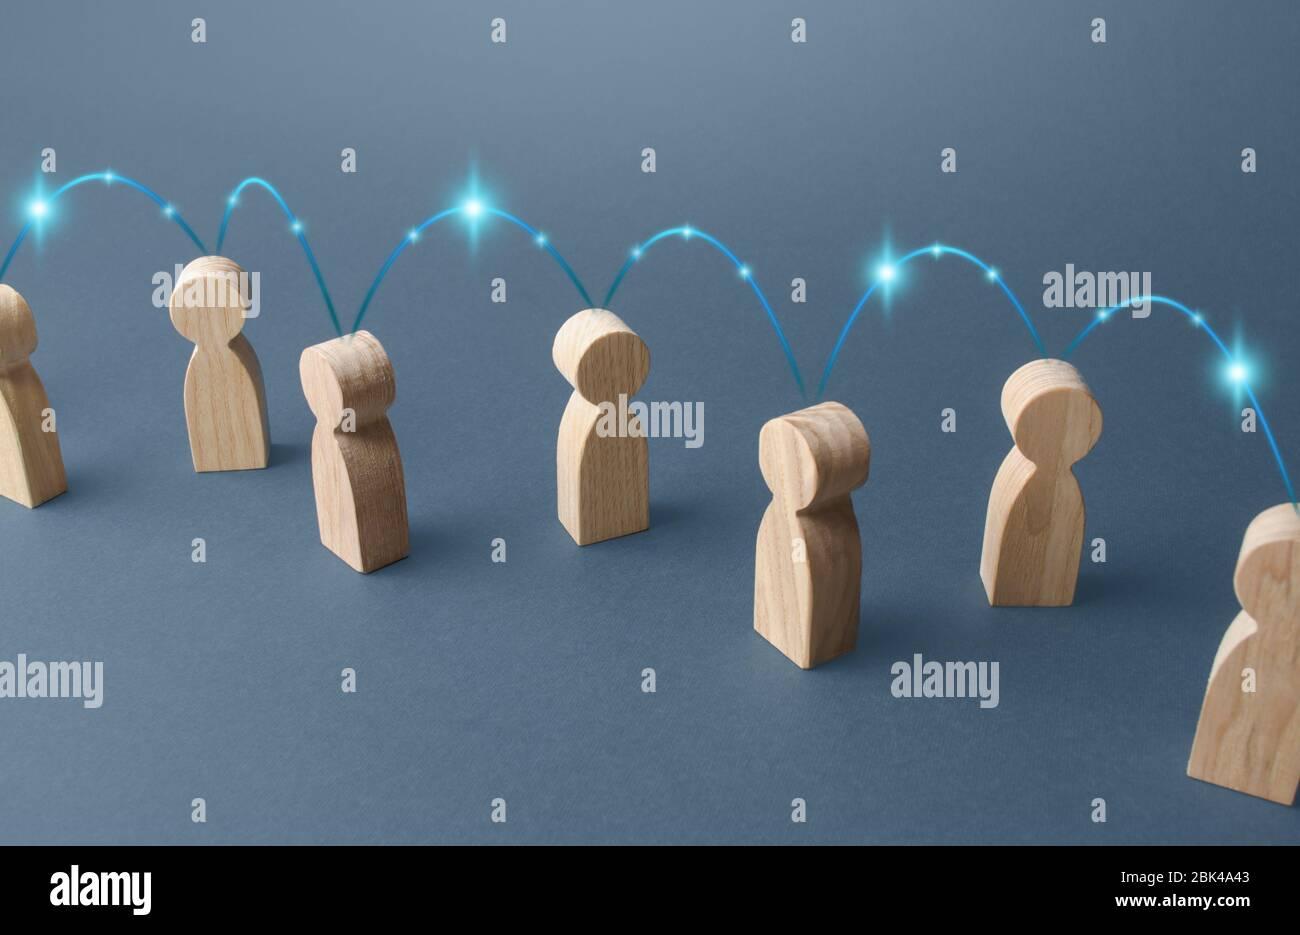 Menschen sind durch eine Kette von Verbindungen verbunden. Kommunikation und Informationsübertragung. Zusammenarbeit, Zusammenarbeit. Produktionskette, Kunden und Co Stockfoto